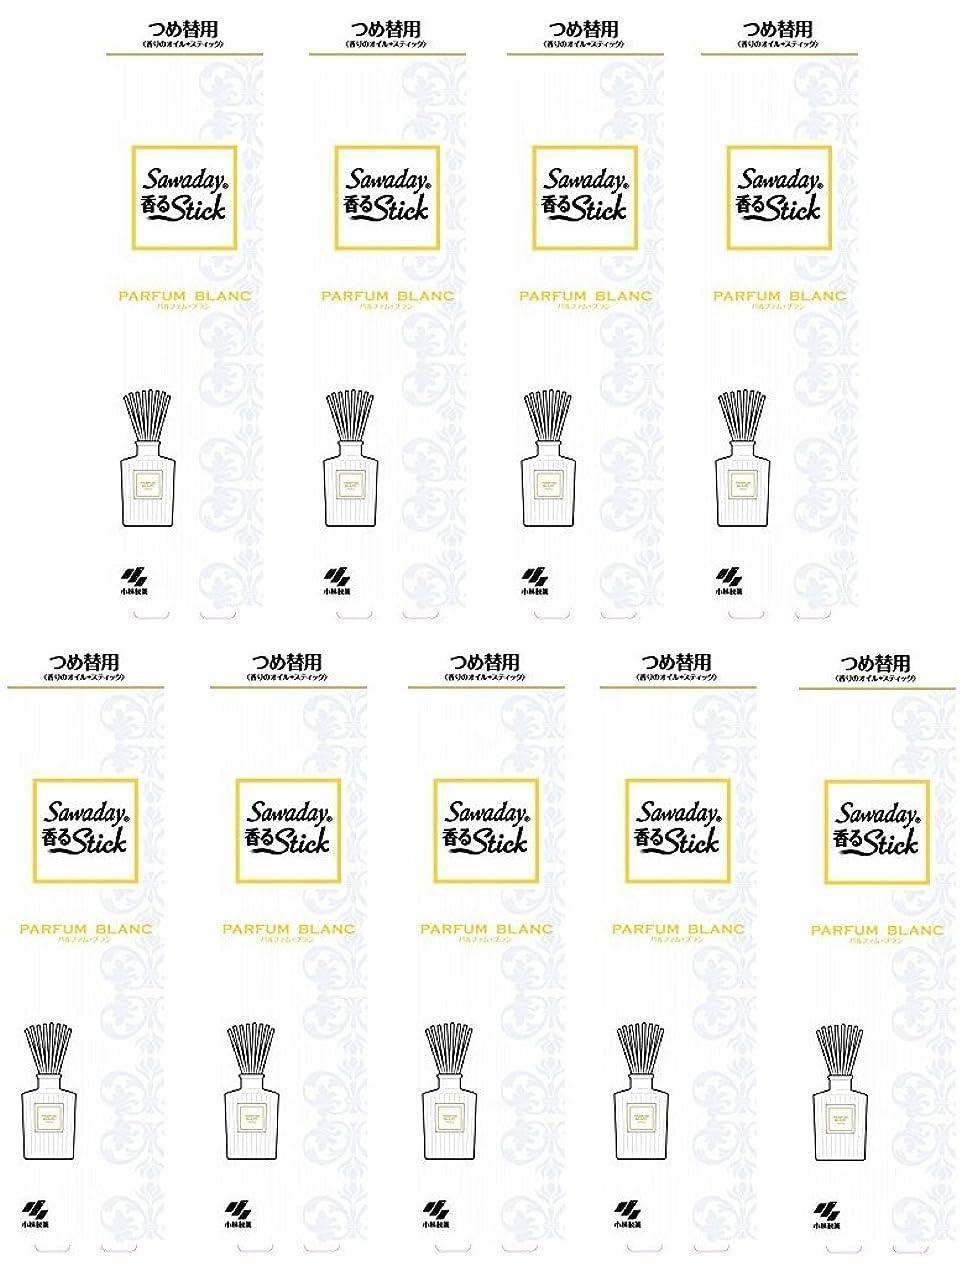 ためらうアボート愛【まとめ買い】サワデー香るスティック 消臭芳香剤 詰め替え用 パルファムブラン 70ml×9個